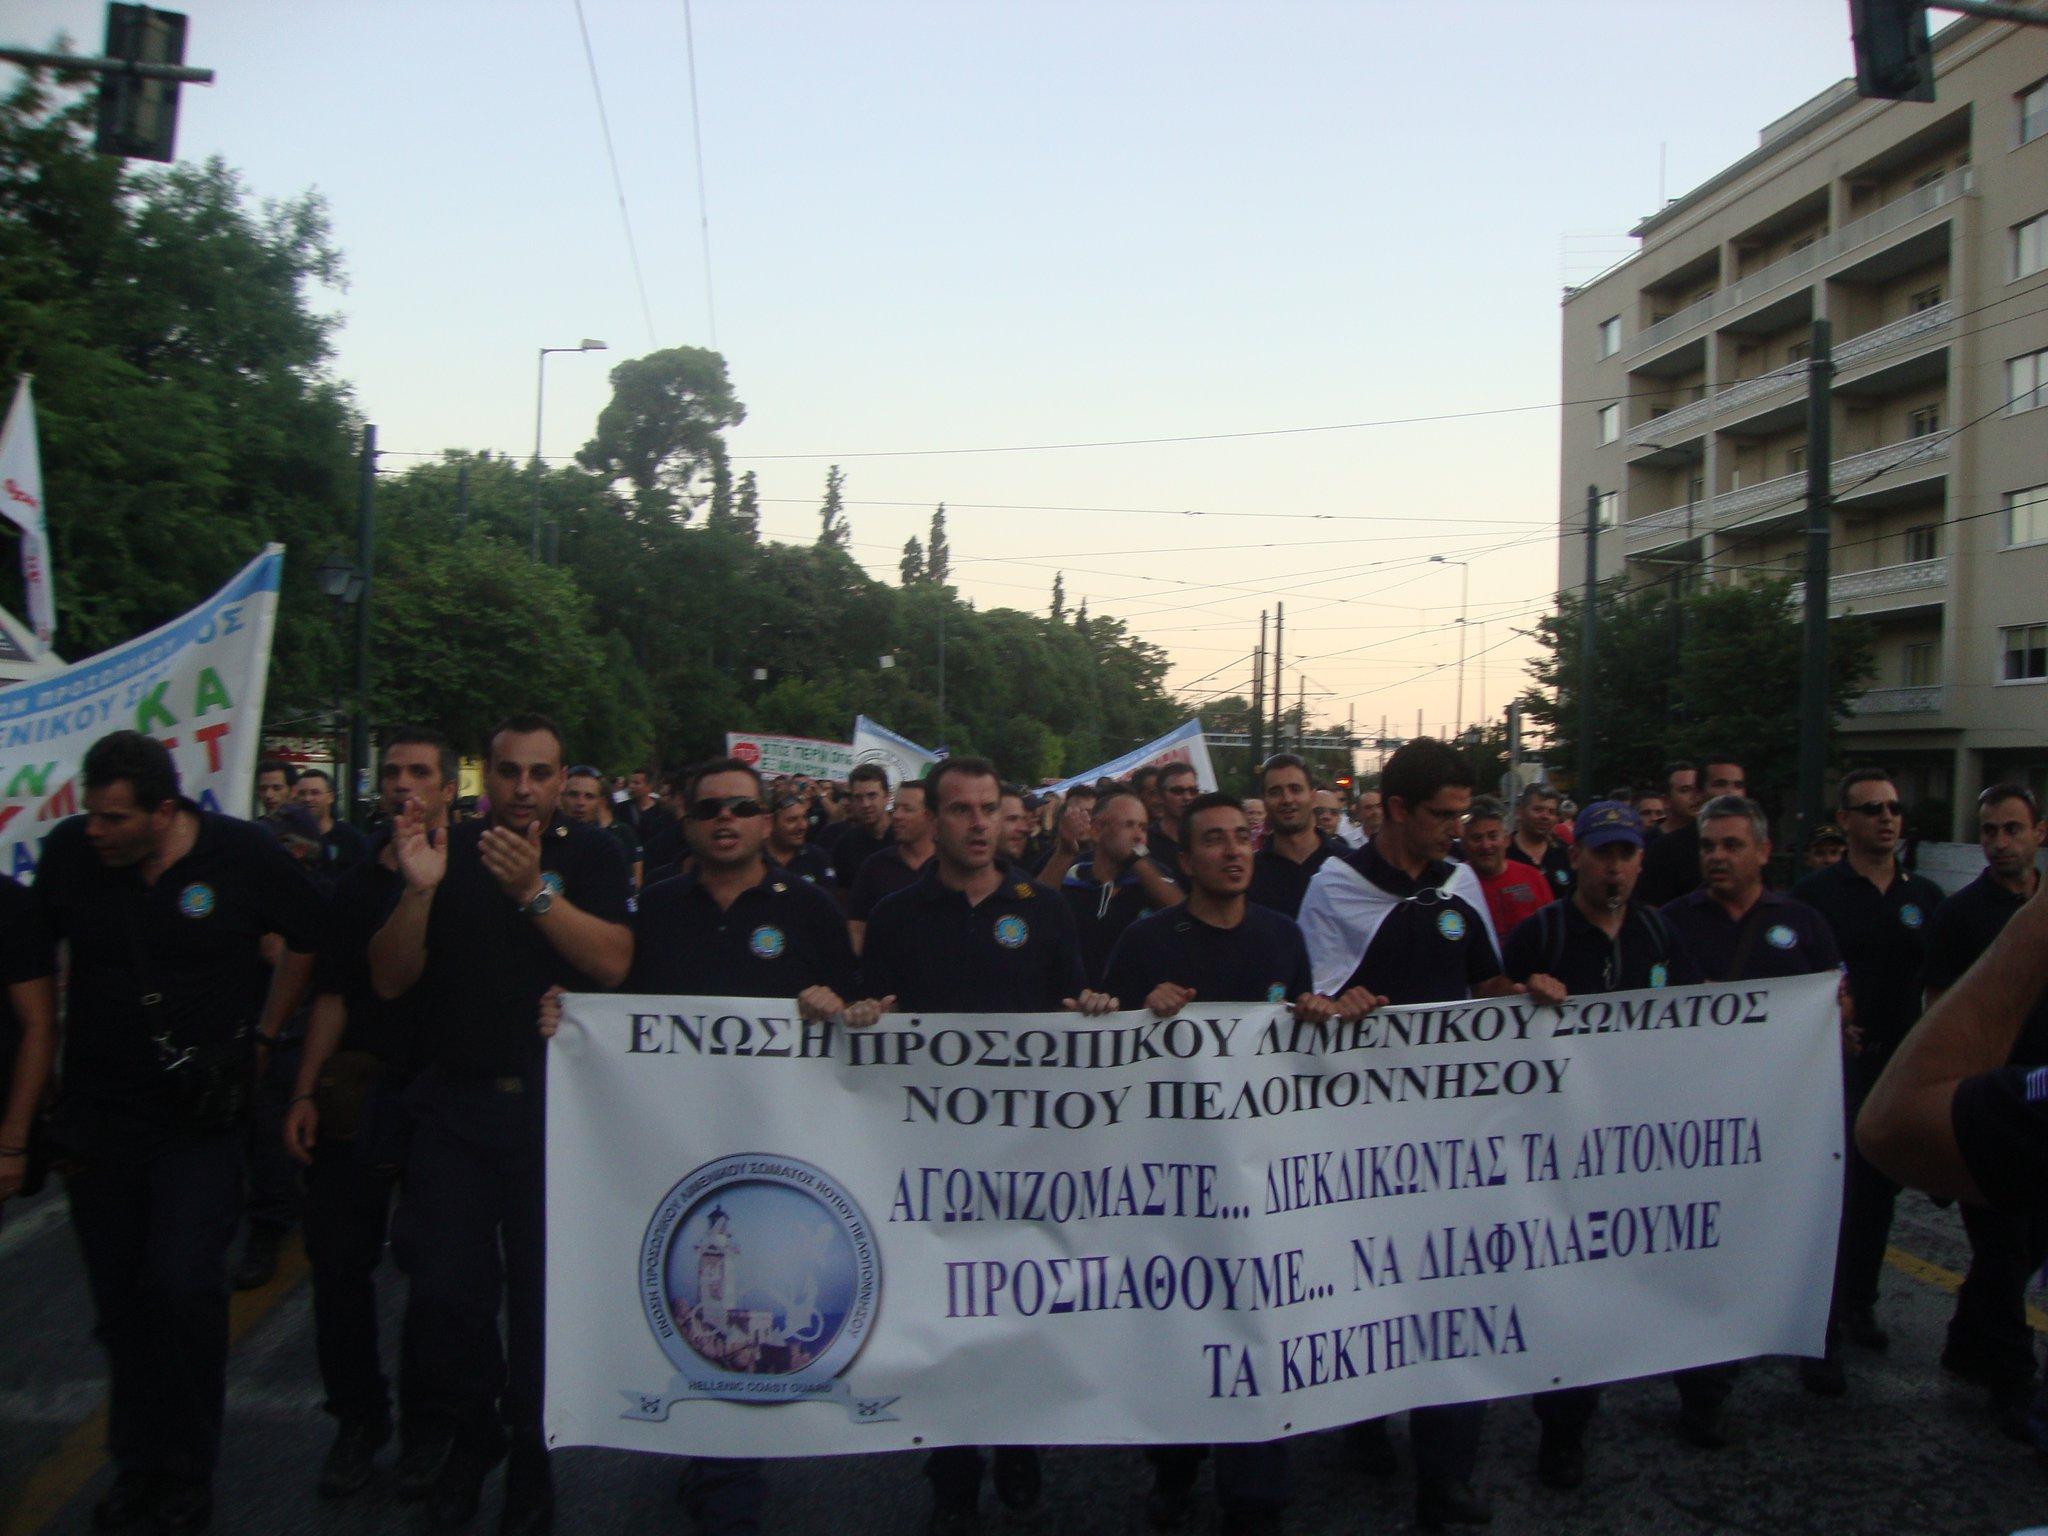 Συμμετοχή στη συγκέντρωση διαμαρτυρίας της ΑΔΕΔΥ-ΓΣΕΕ στη Καλαμάτα